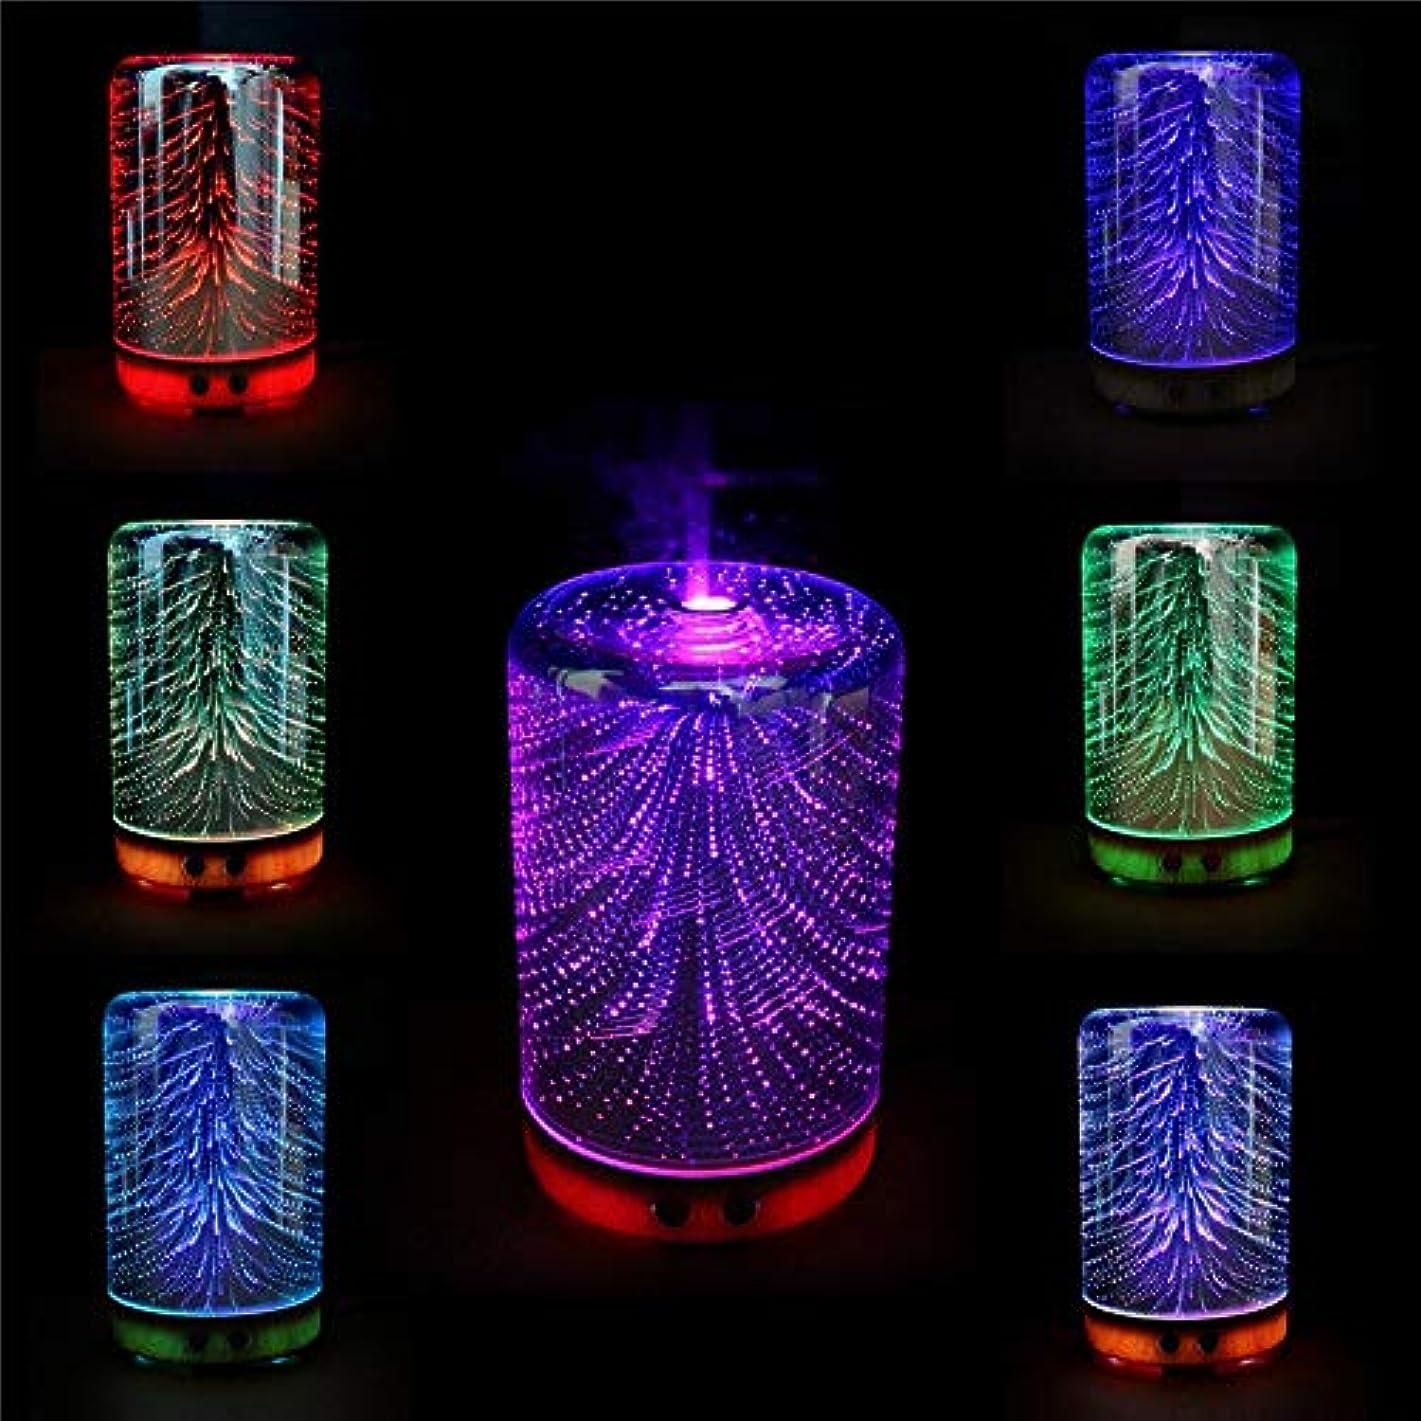 安全でないライブページェントFishagelo Color Changing 3D Lighting Essential Oil Aroma Diffuser Ultrasonic Mist Humidifier Aromatherapy 141[...